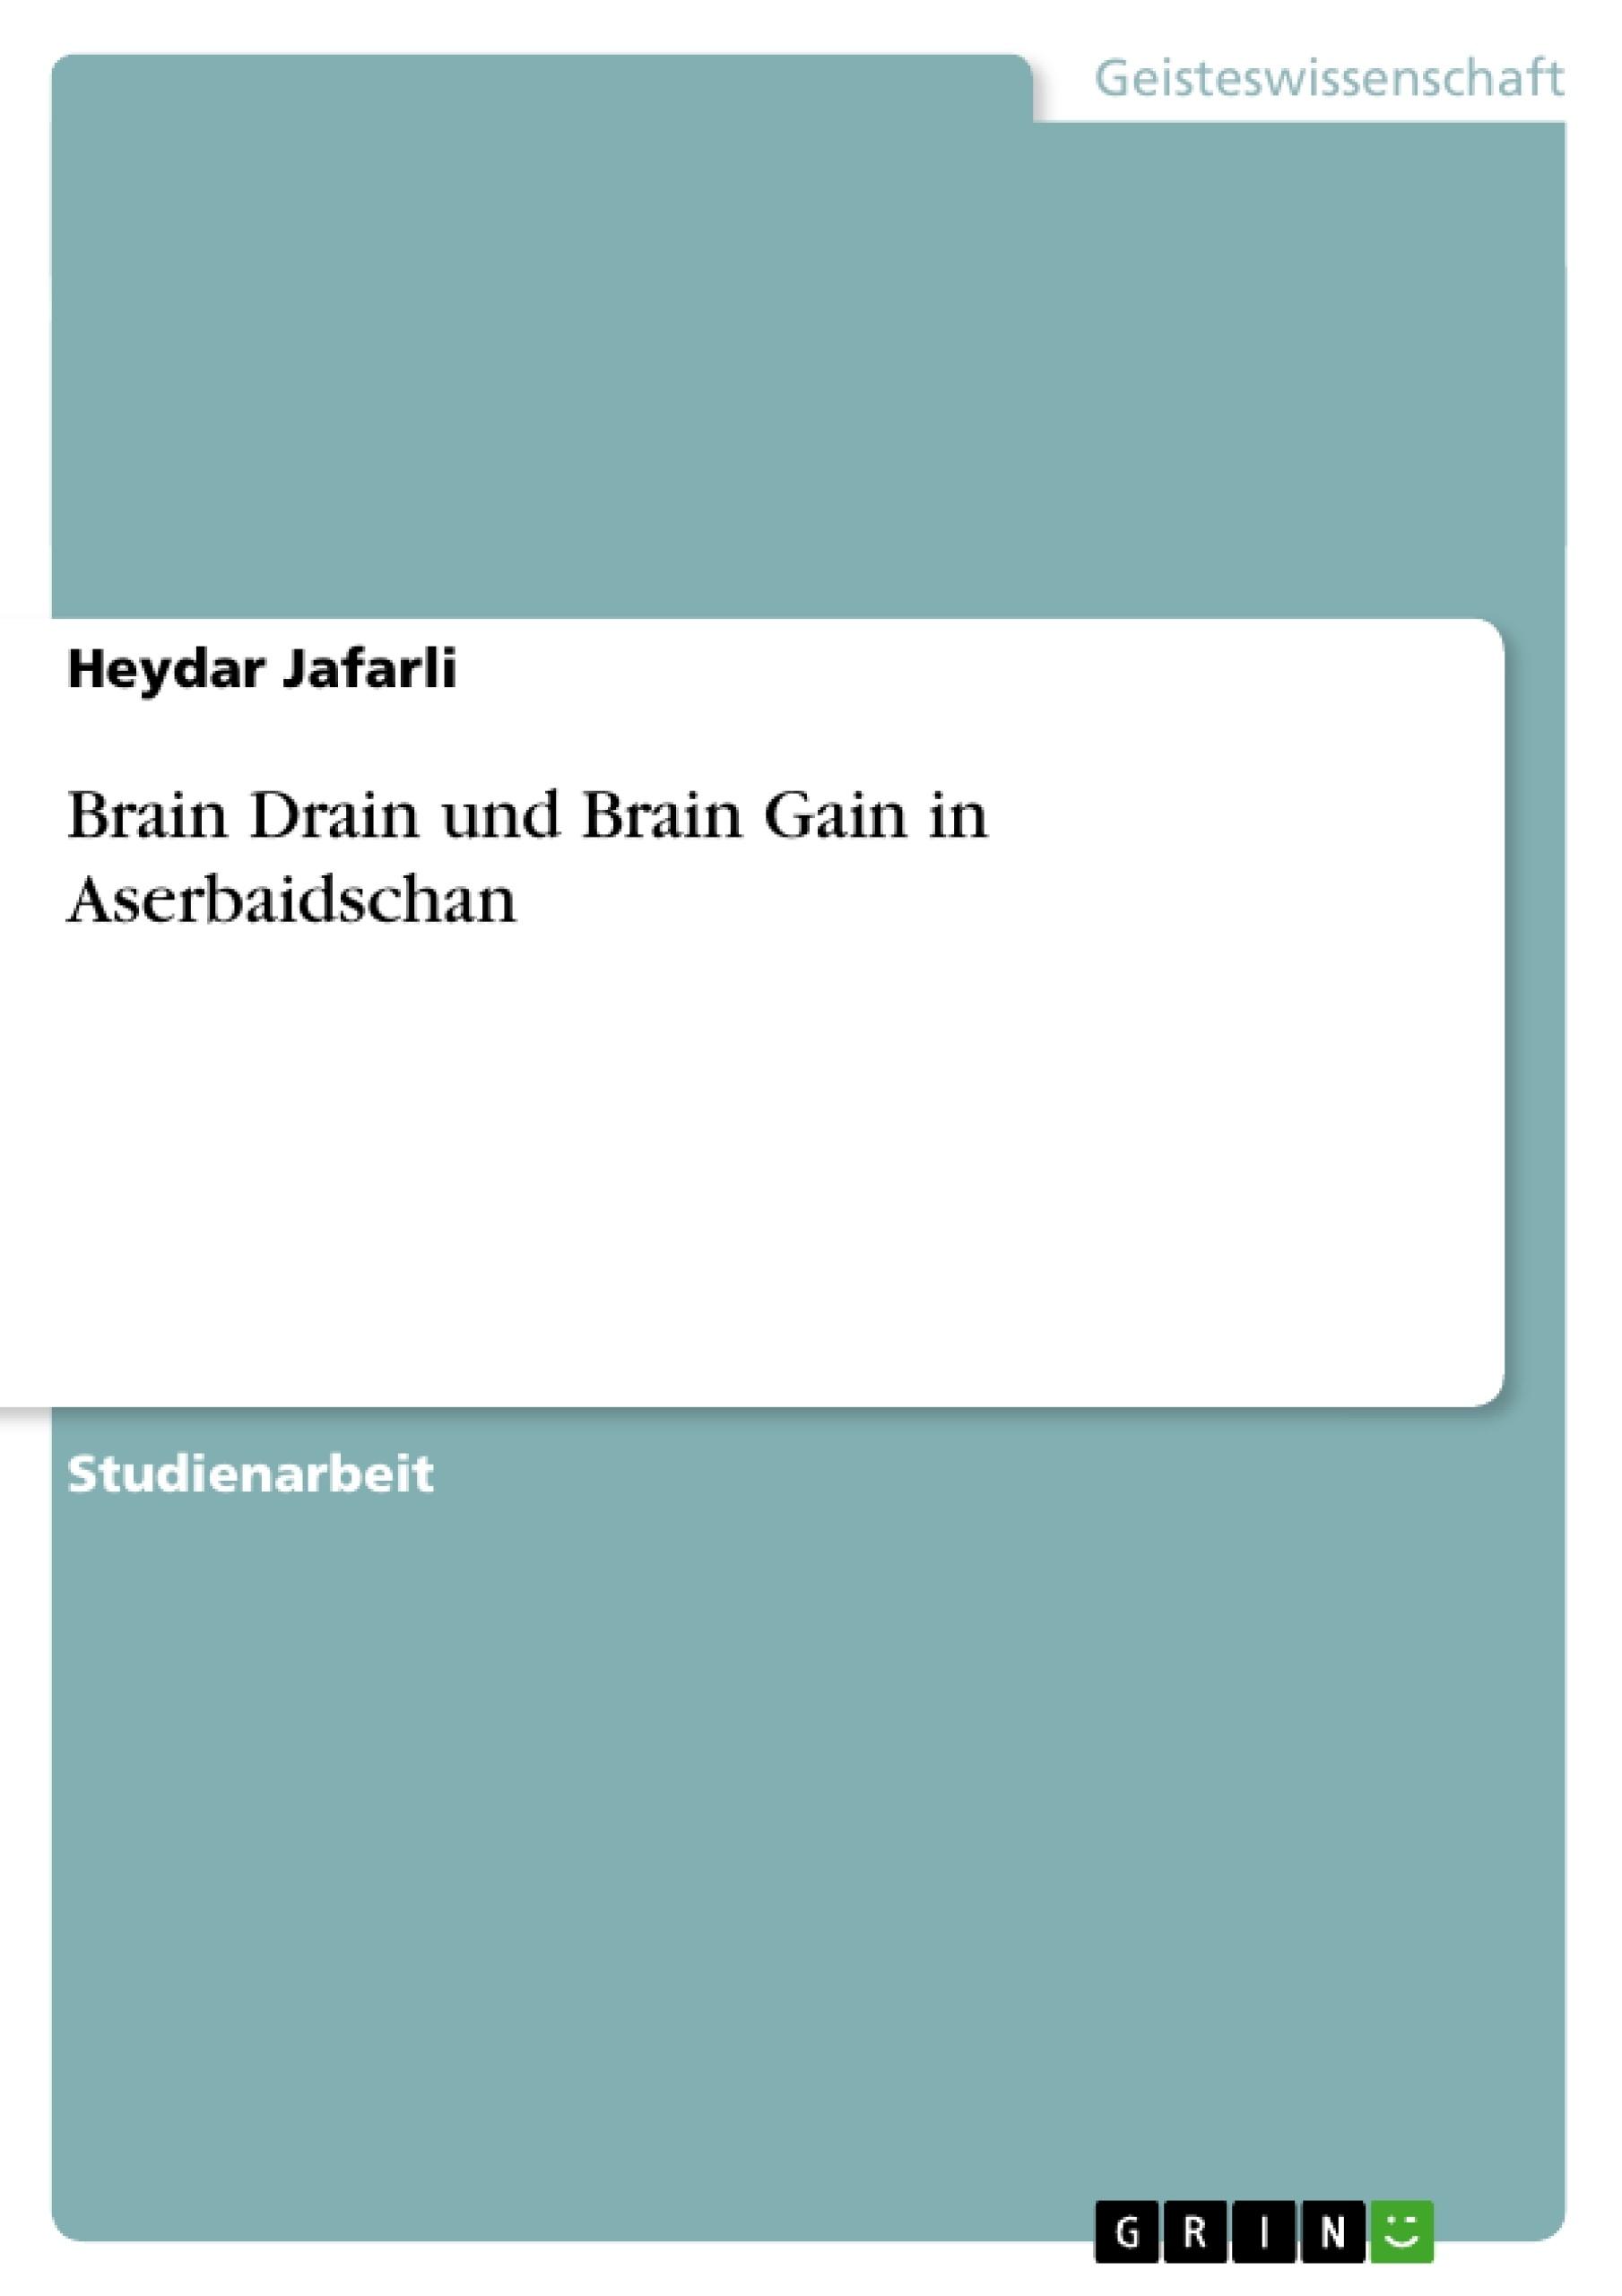 Titel: Brain Drain und Brain Gain in Aserbaidschan